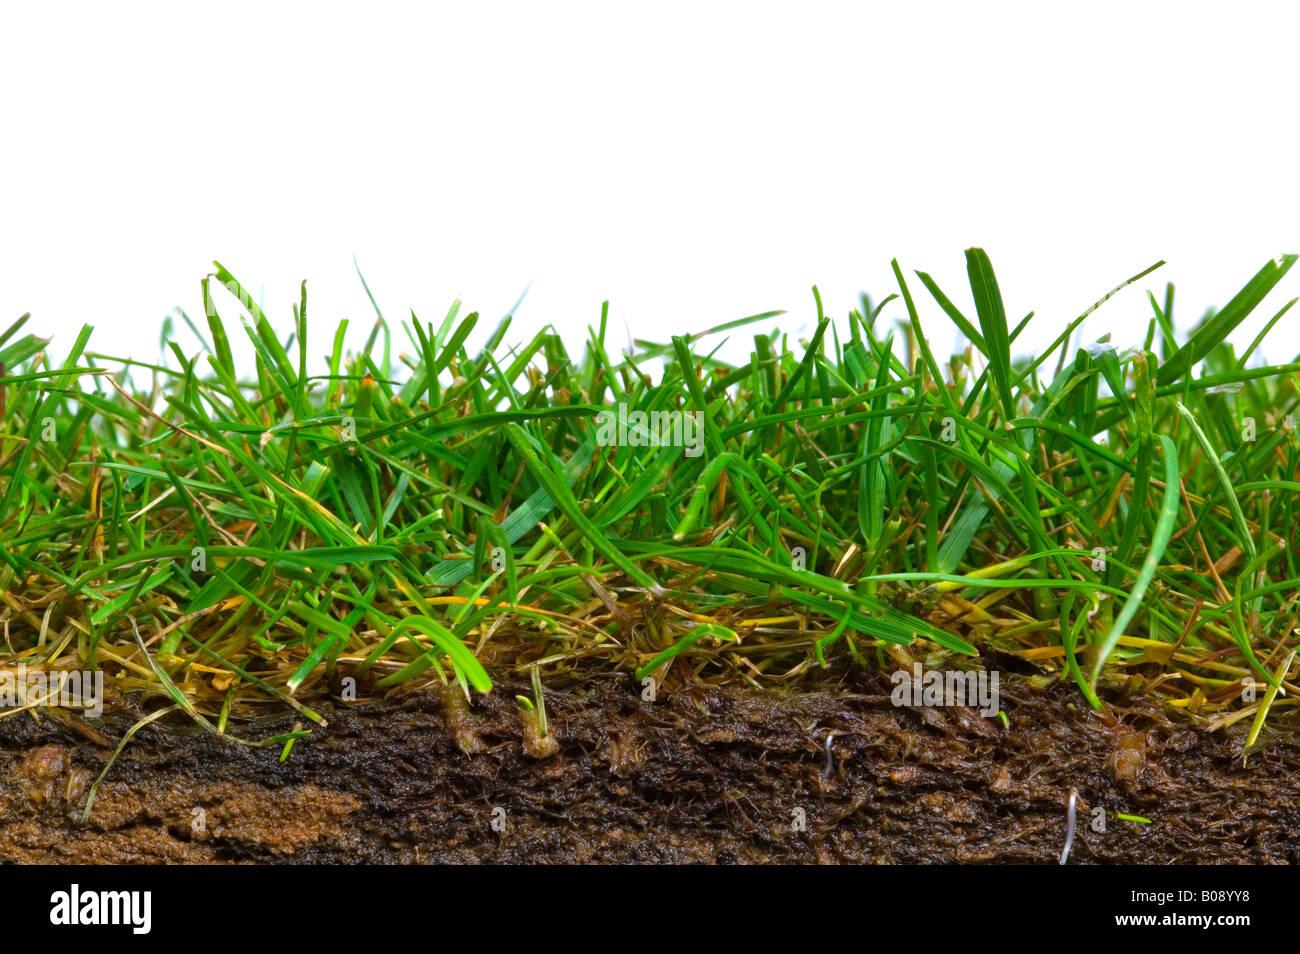 Sezione trasversale di un pezzo di turf sparato contro uno sfondo bianco Immagini Stock